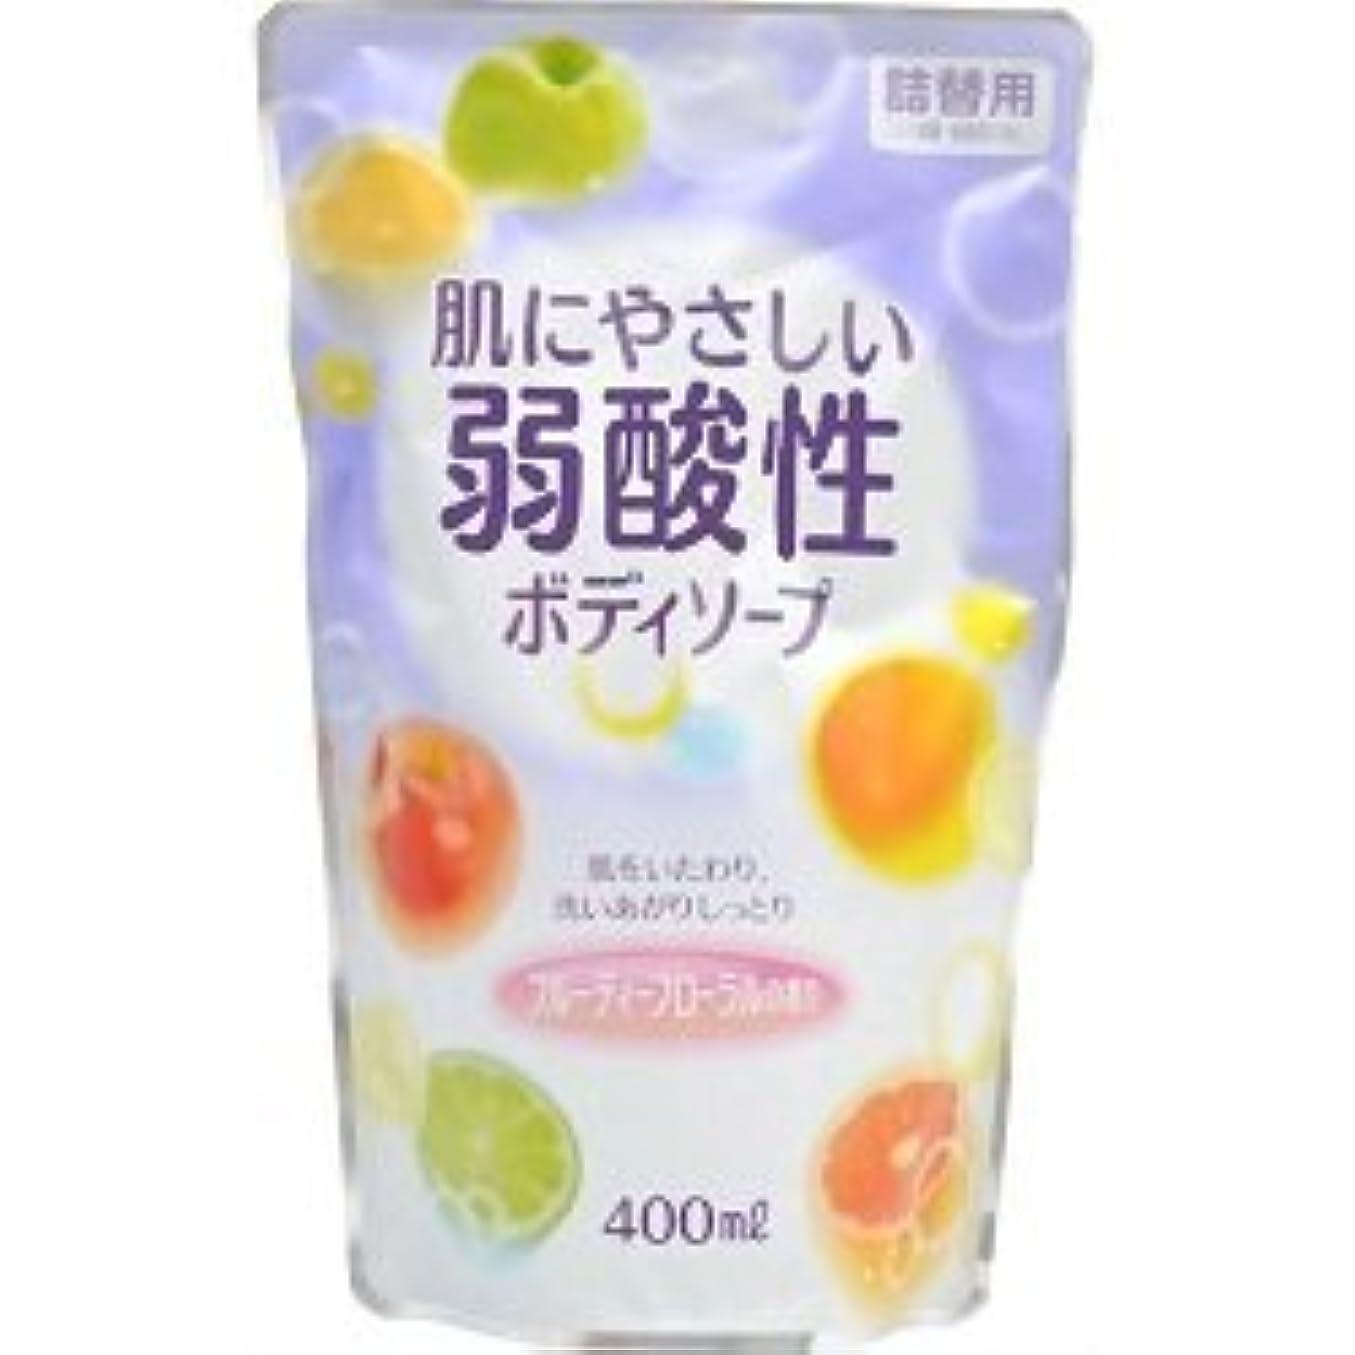 お茶変化するスチール【エオリア】弱酸性ボディソープ フルーティフローラルの香り 詰替用 400ml ×5個セット